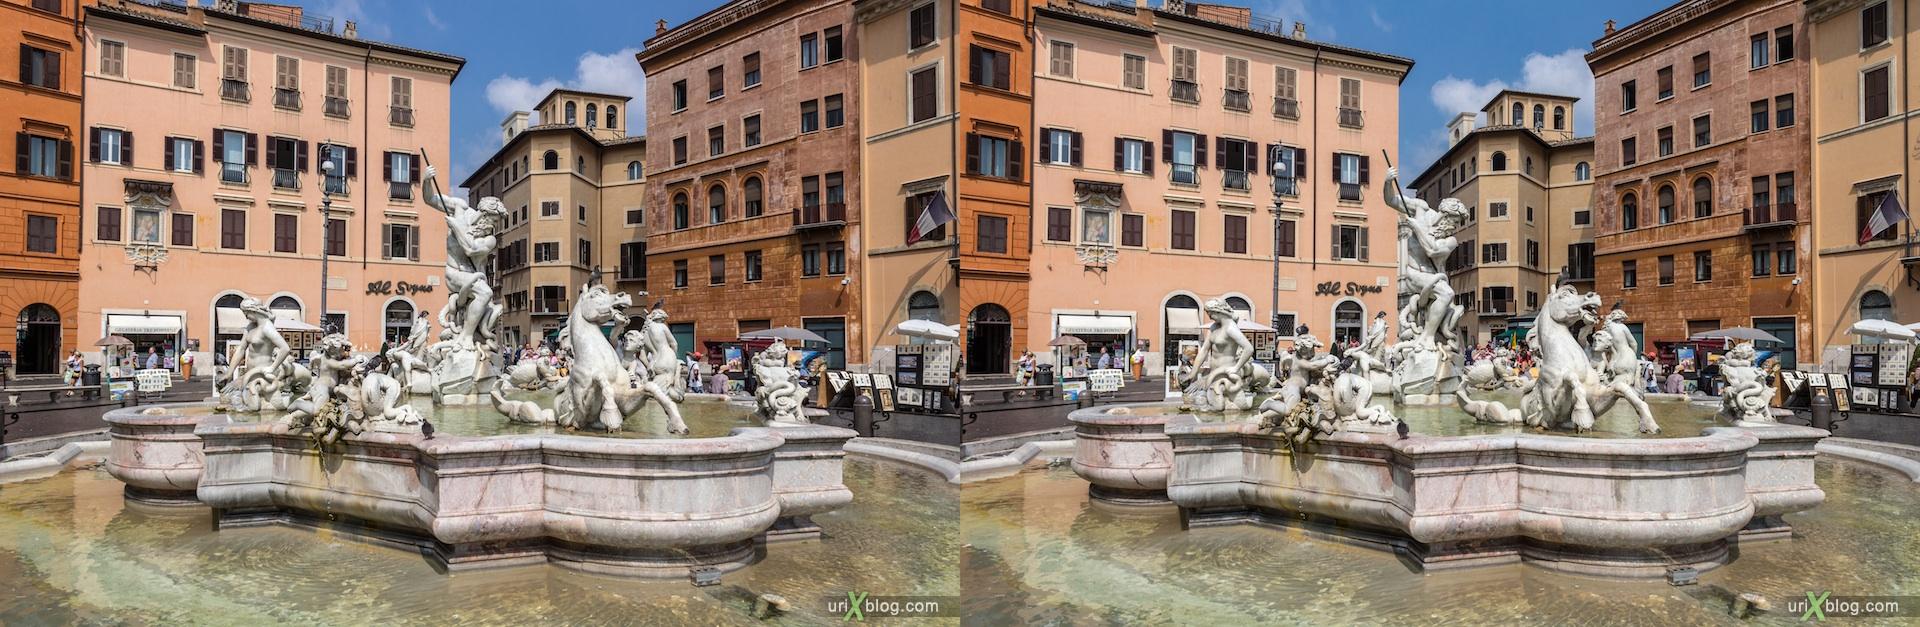 2012, фонтан Нептуна, площадь Навона, Рим, Италия, 3D, перекрёстные стереопары, стерео, стереопара, стереопары